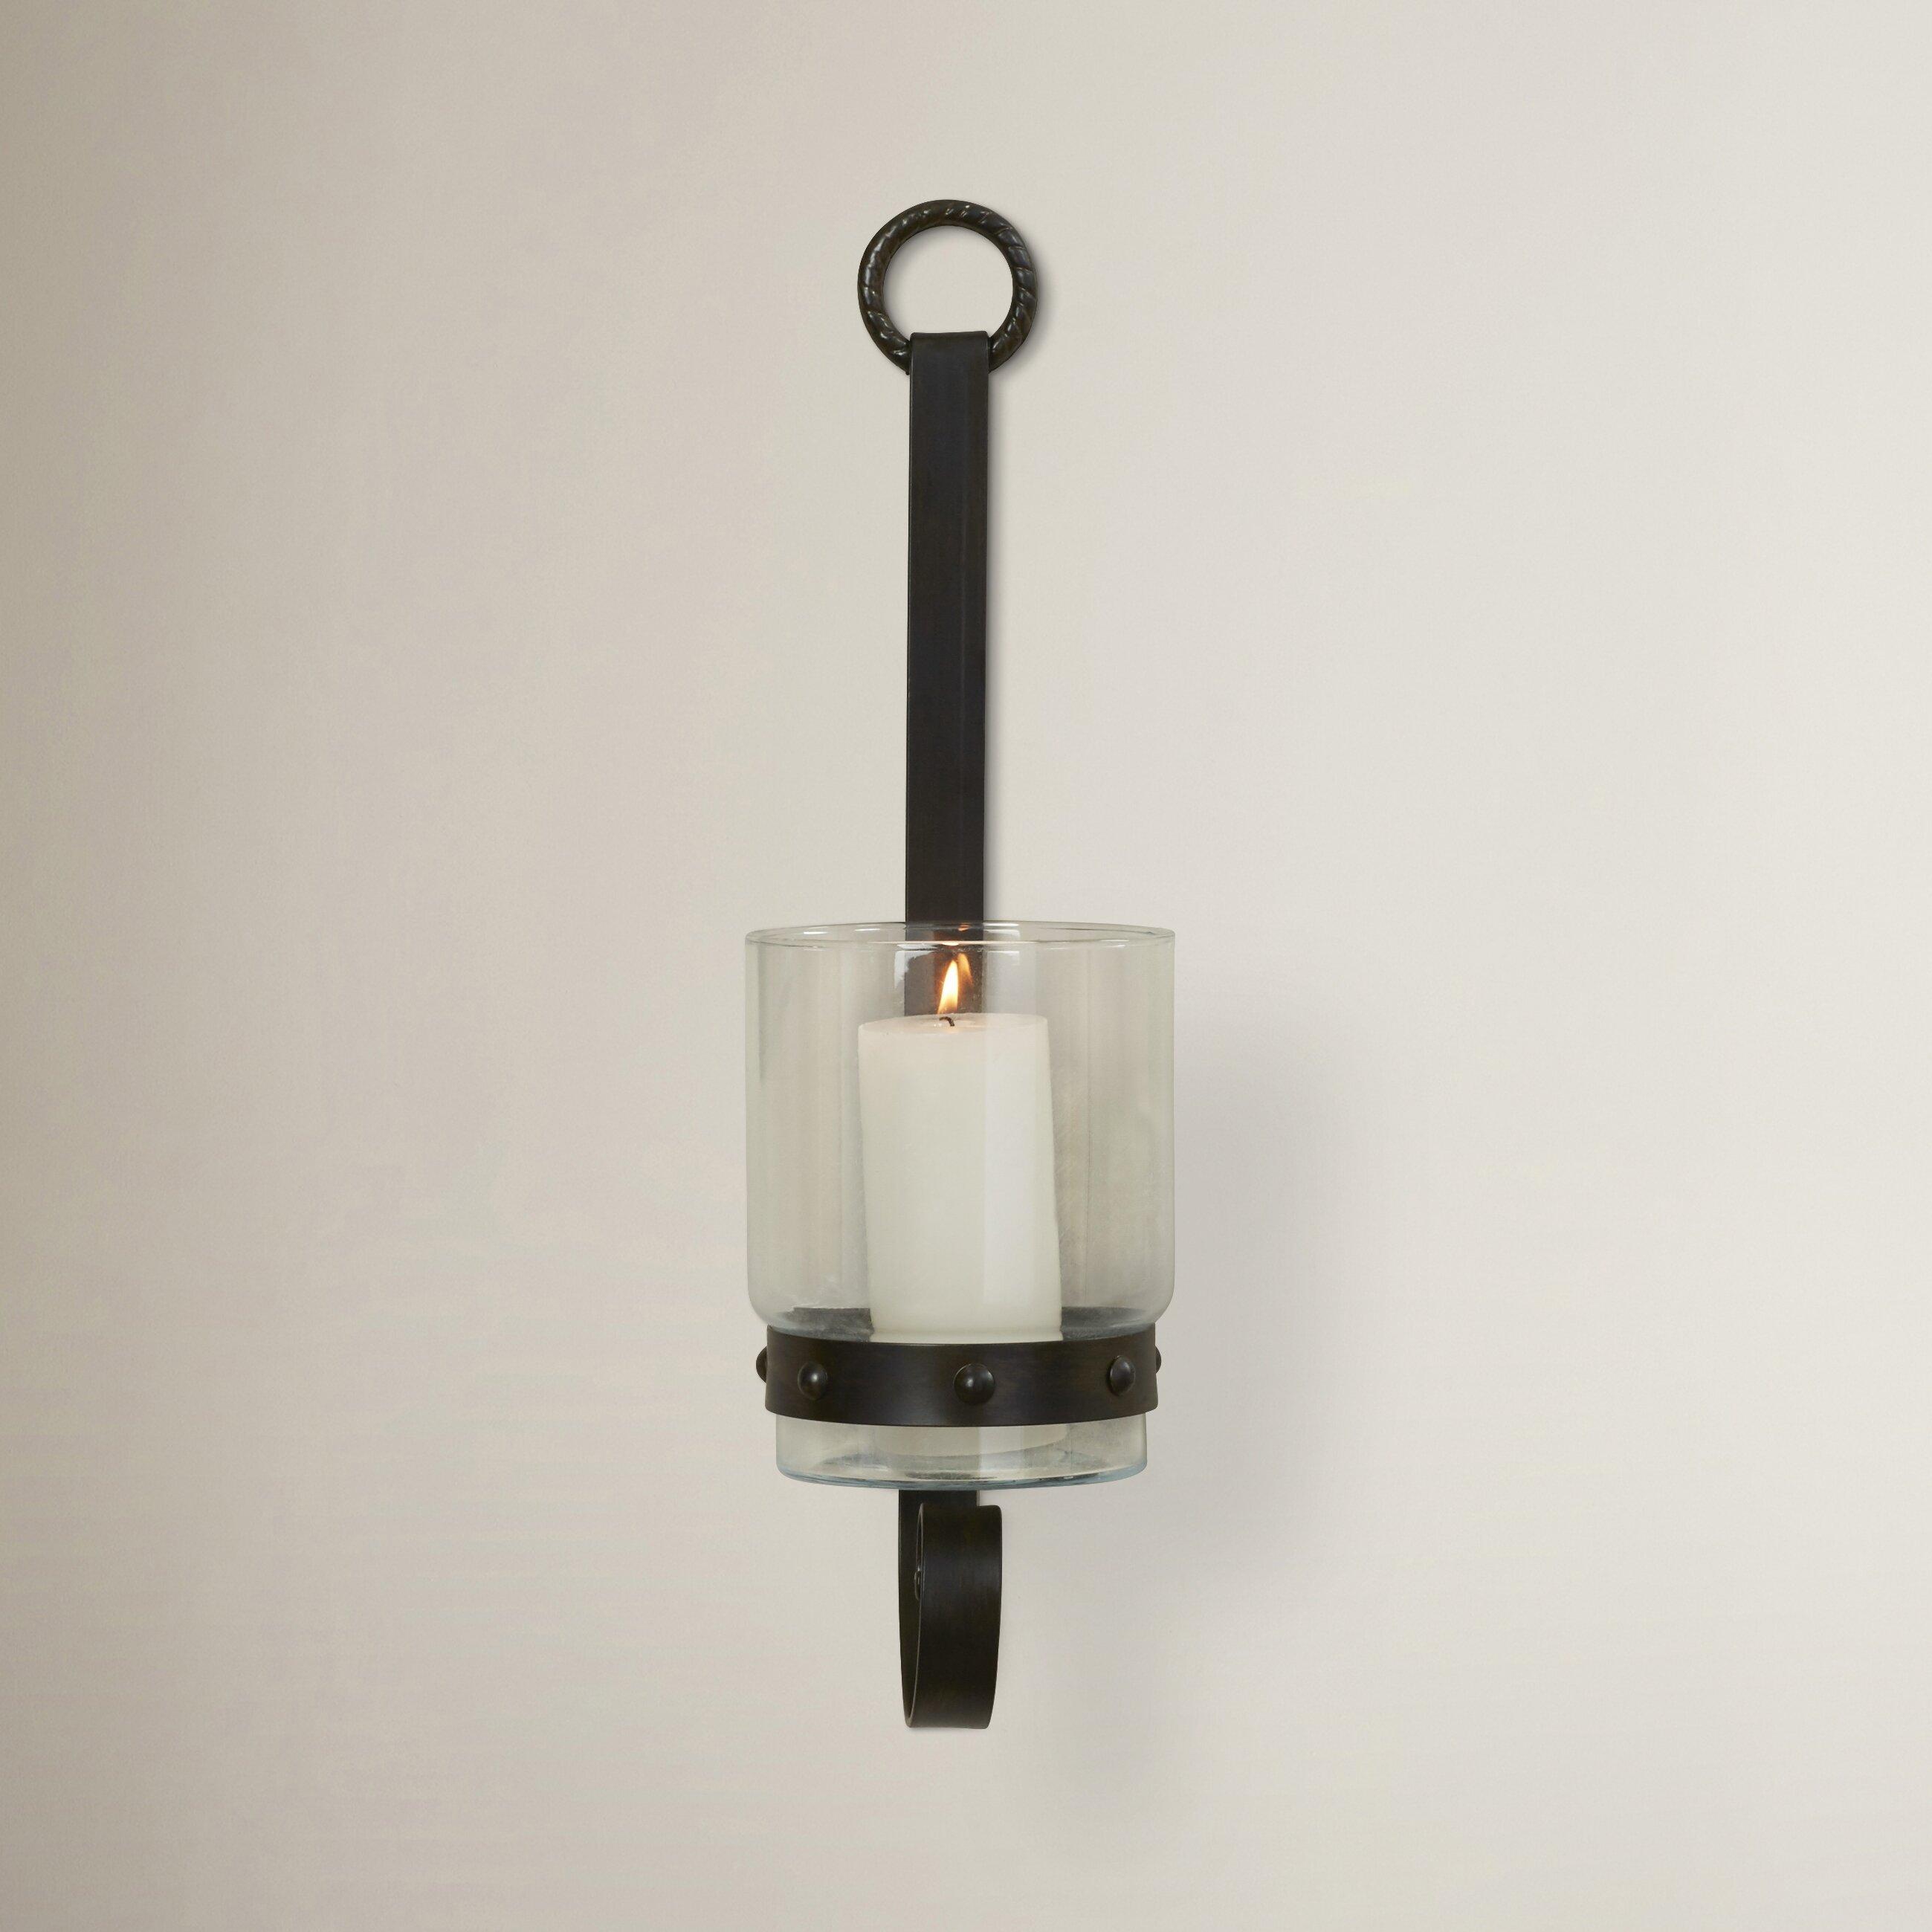 Wayfair Brass Wall Sconces : Trent Austin Design Glass/Metal Sconce & Reviews Wayfair